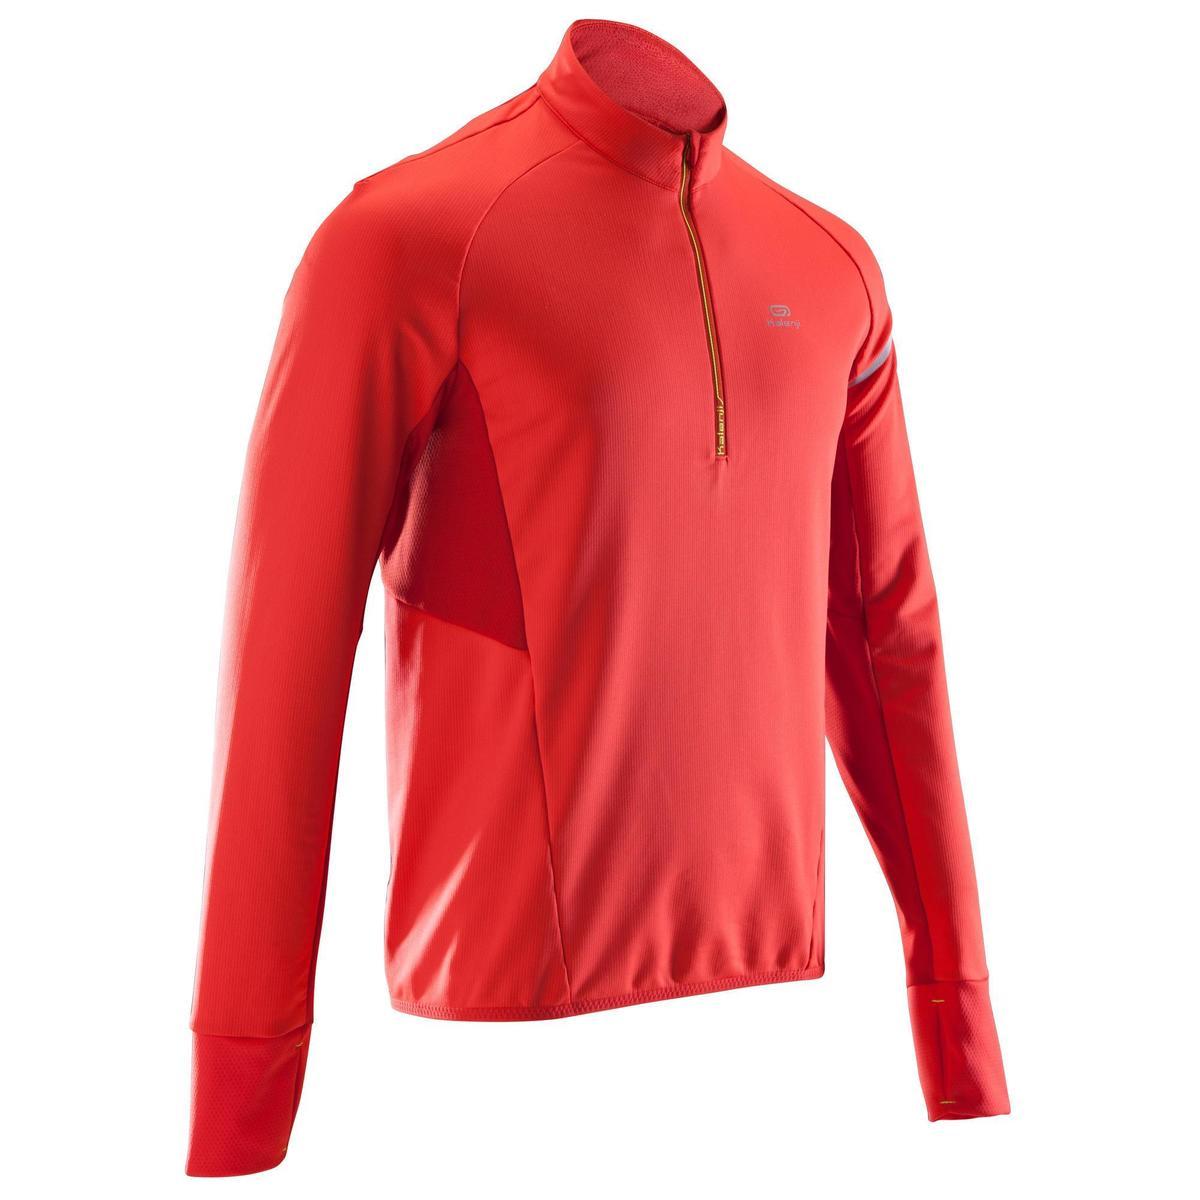 Bild 1 von Laufshirt langarm Kiprun Warm Light Herren rot